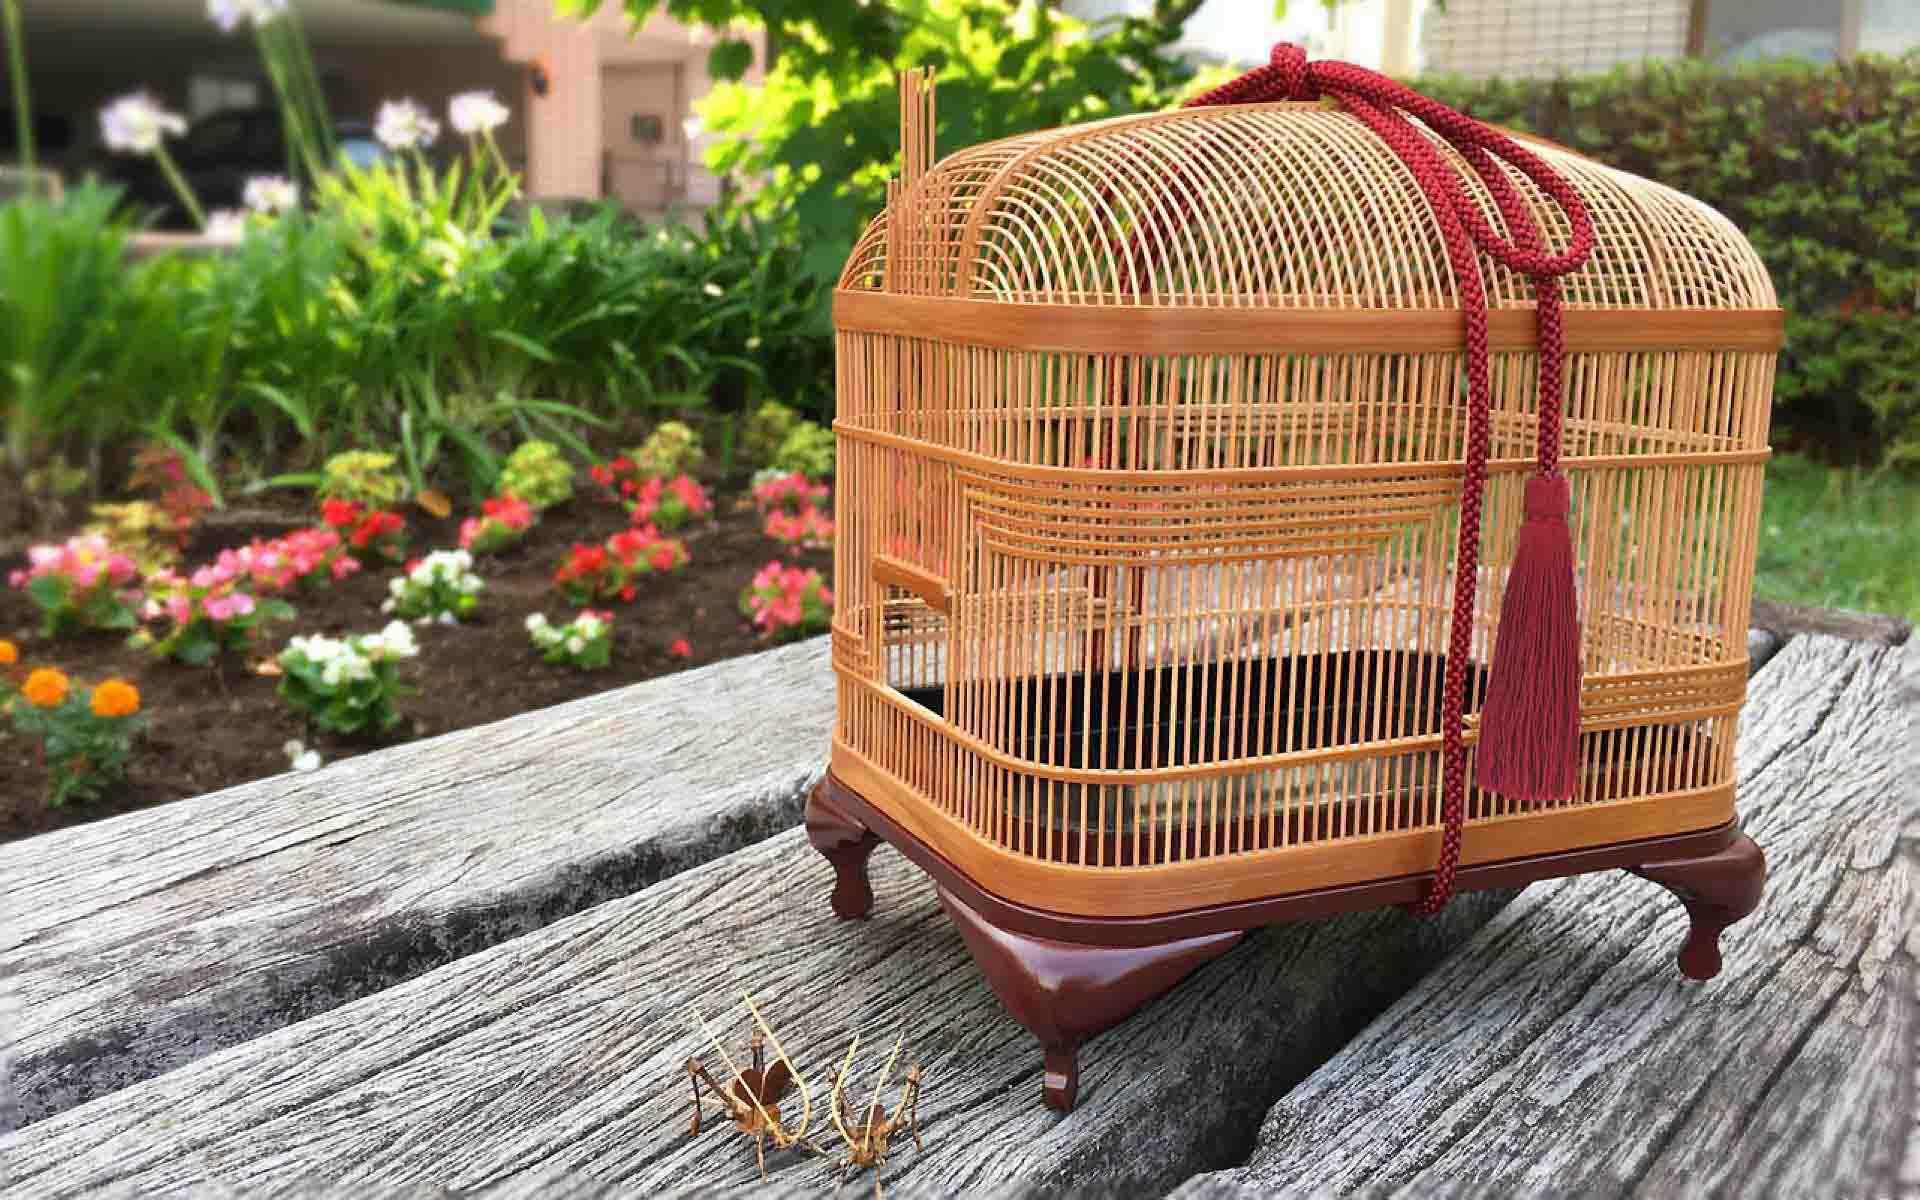 虫の音を愛でる日本人が生んだ、芸術品のように美しい虫籠